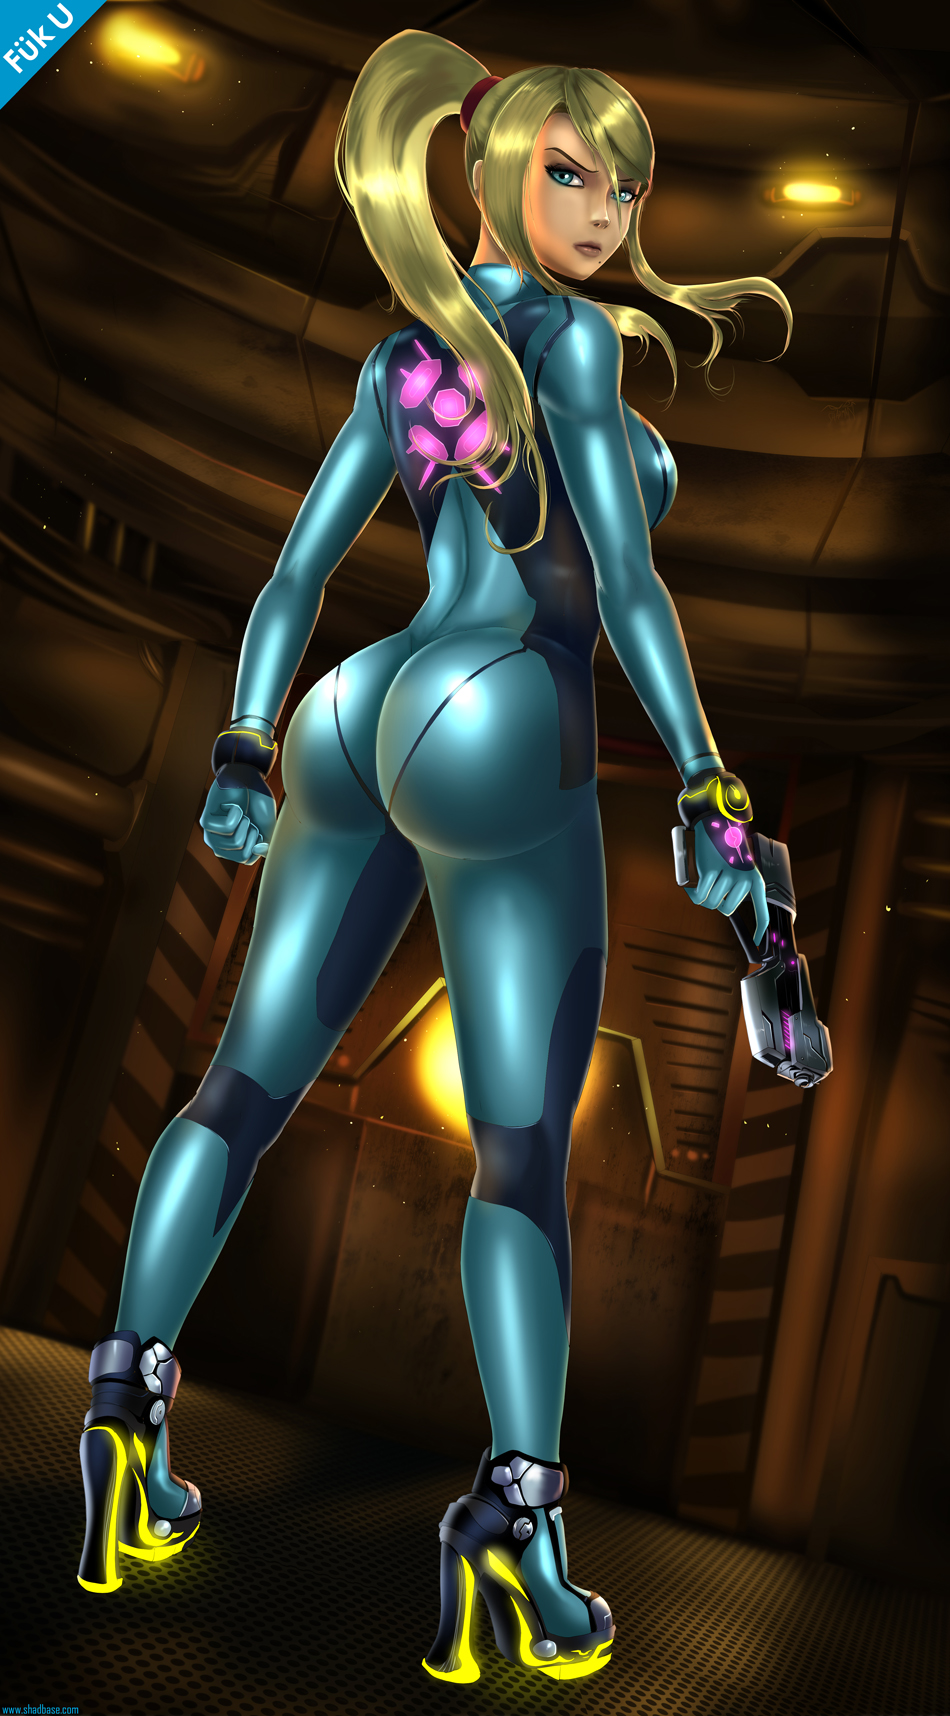 Zero Suit Samus 2014